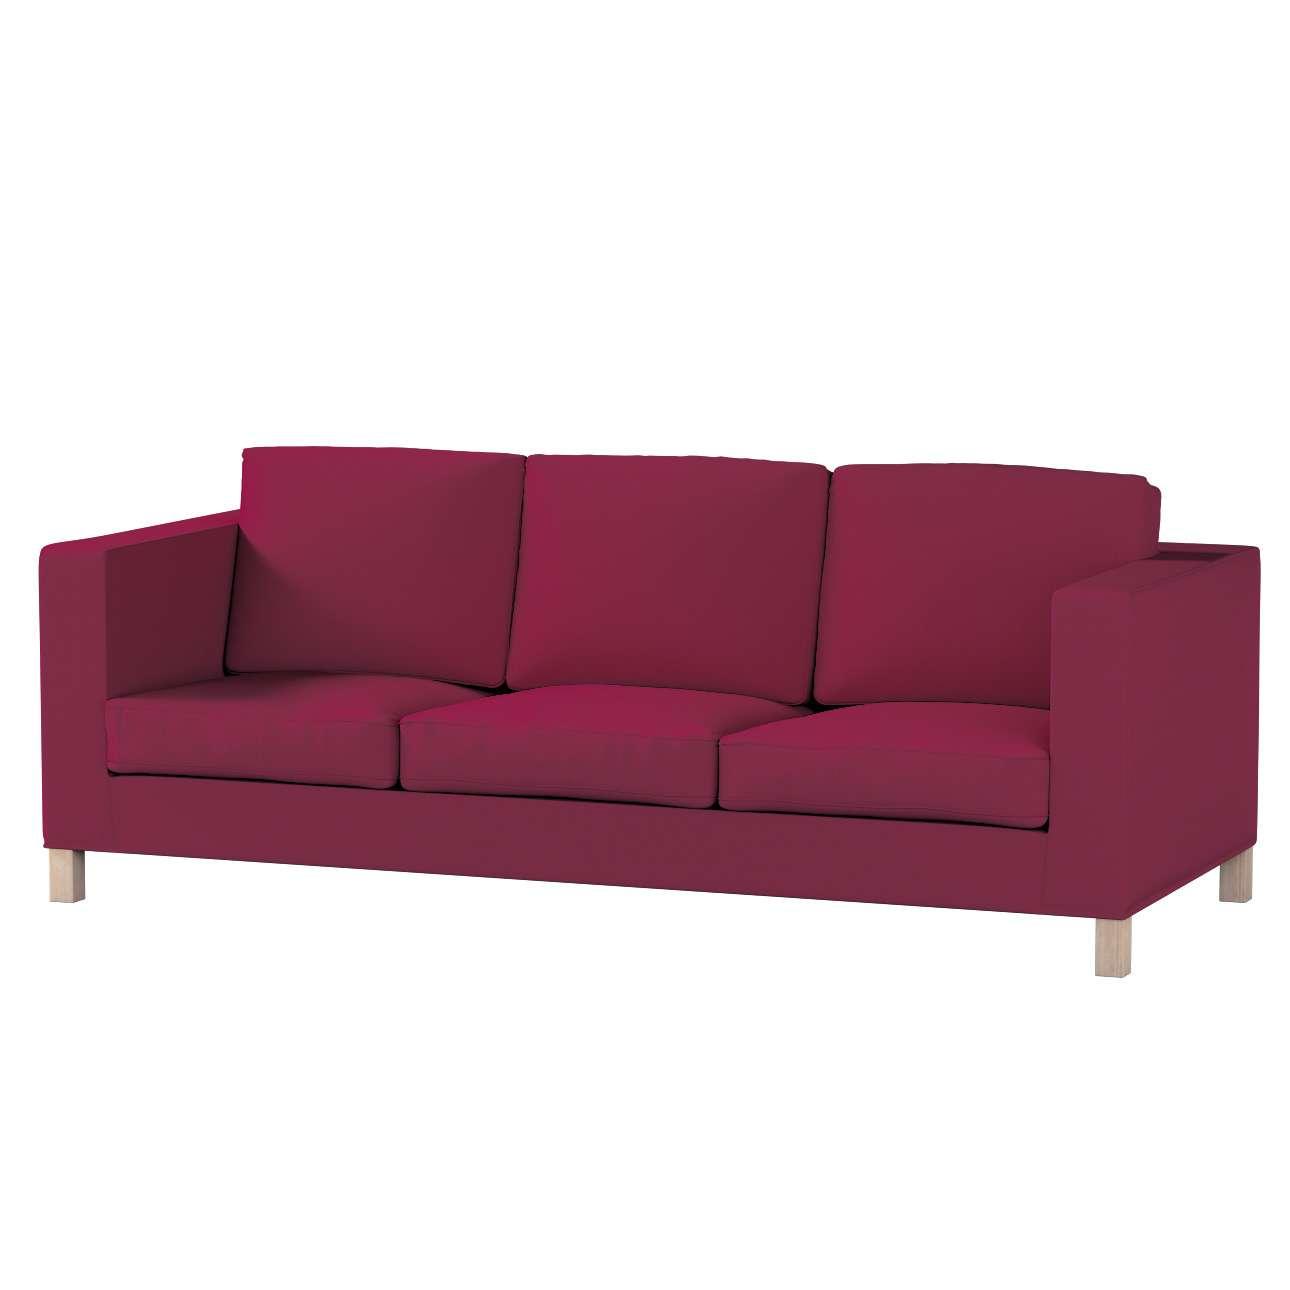 KARLANDA trivietės sofos užvalkalas KARLANDA trivietės sofos užvalkalas kolekcijoje Cotton Panama, audinys: 702-32